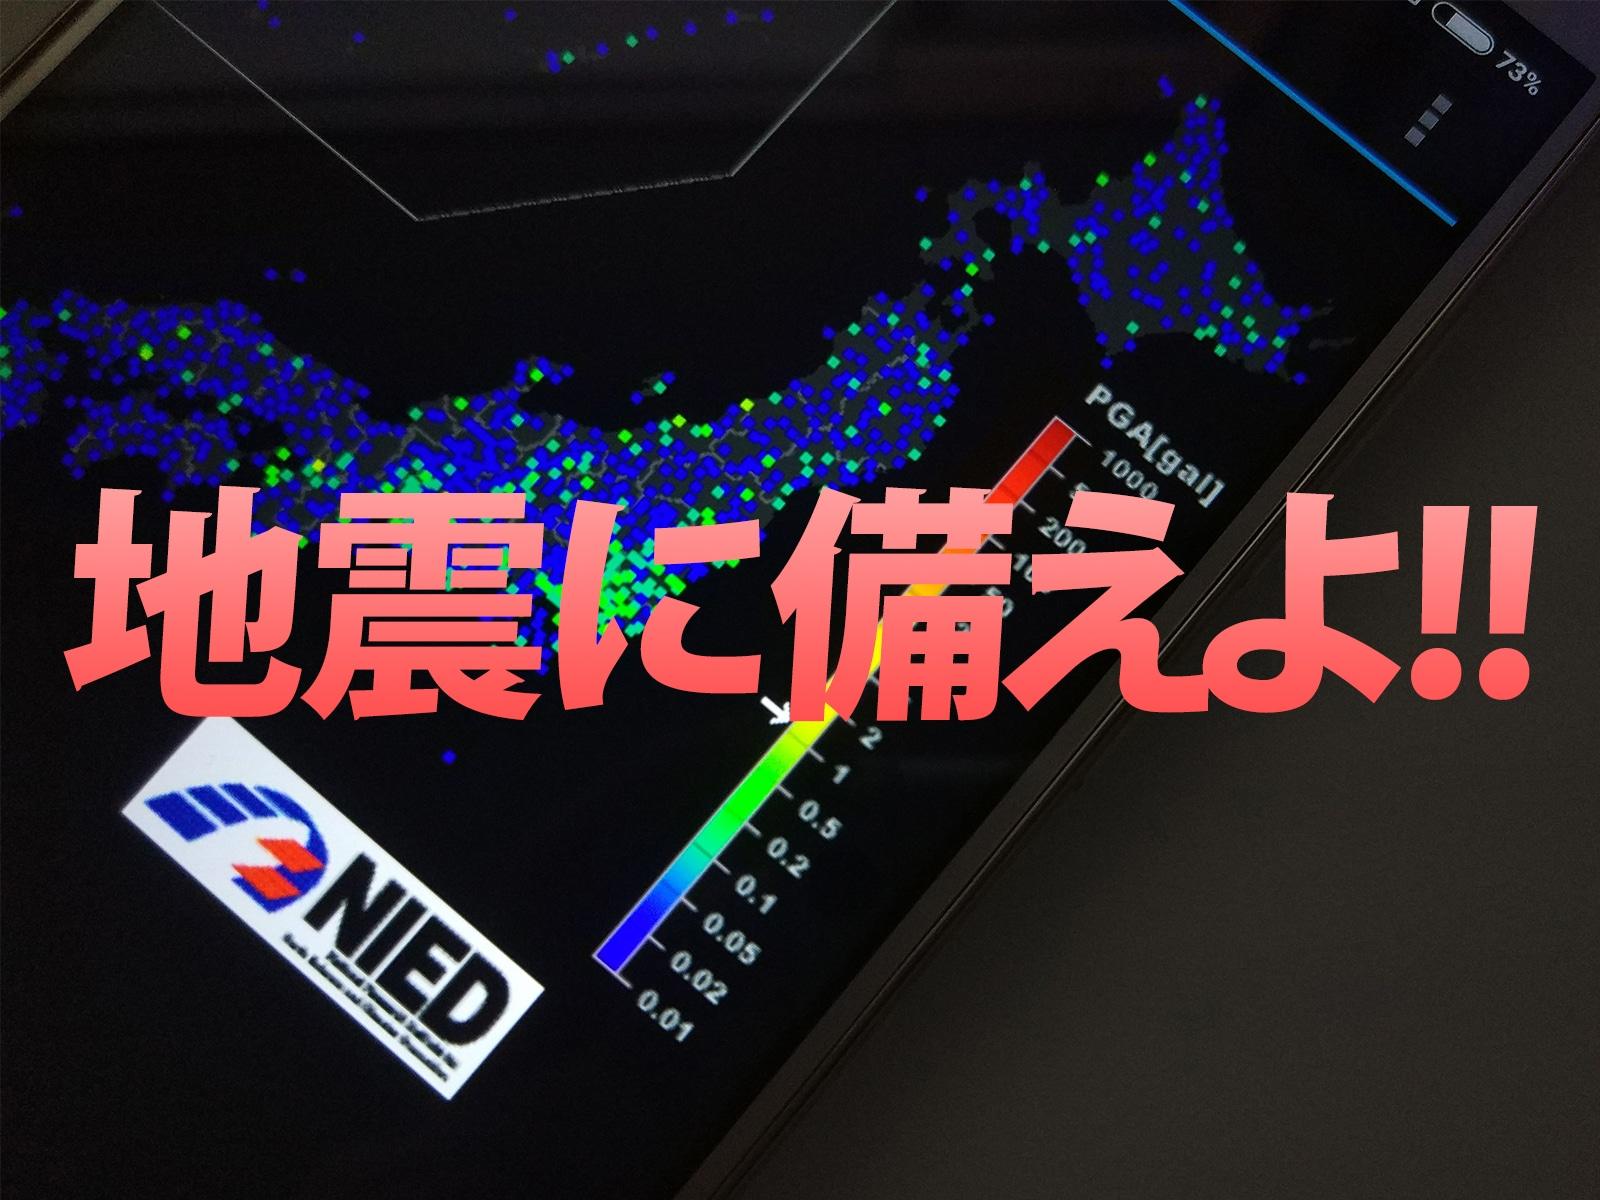 緊急地震速報アプリ